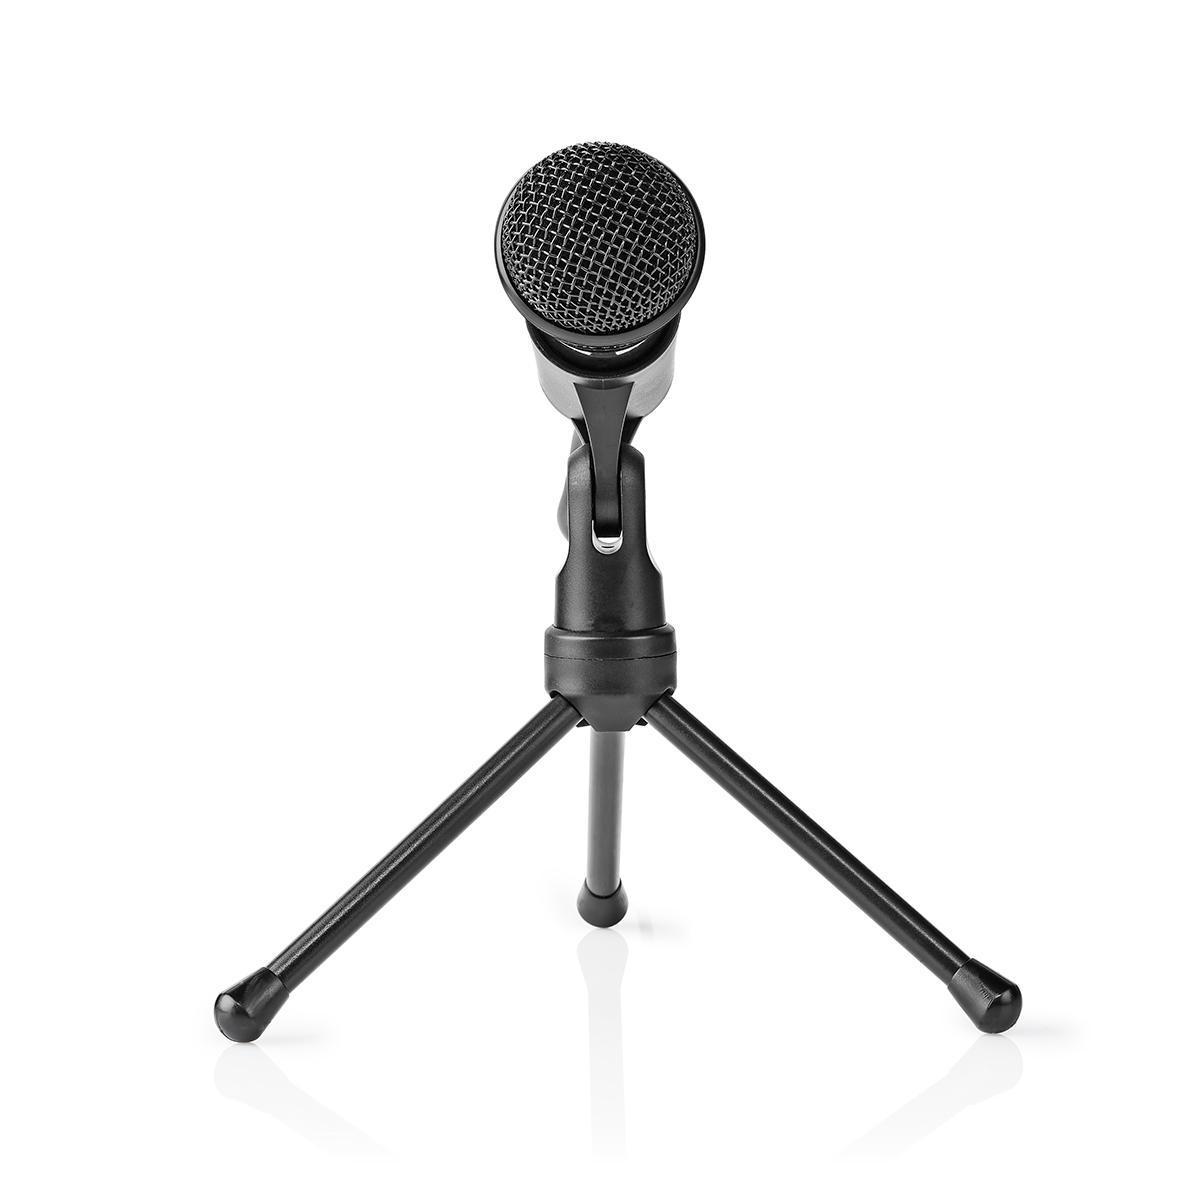 Kablet Mikrofon | AvPå Knapp | Med Stativ | 3,5 mm | Nedis